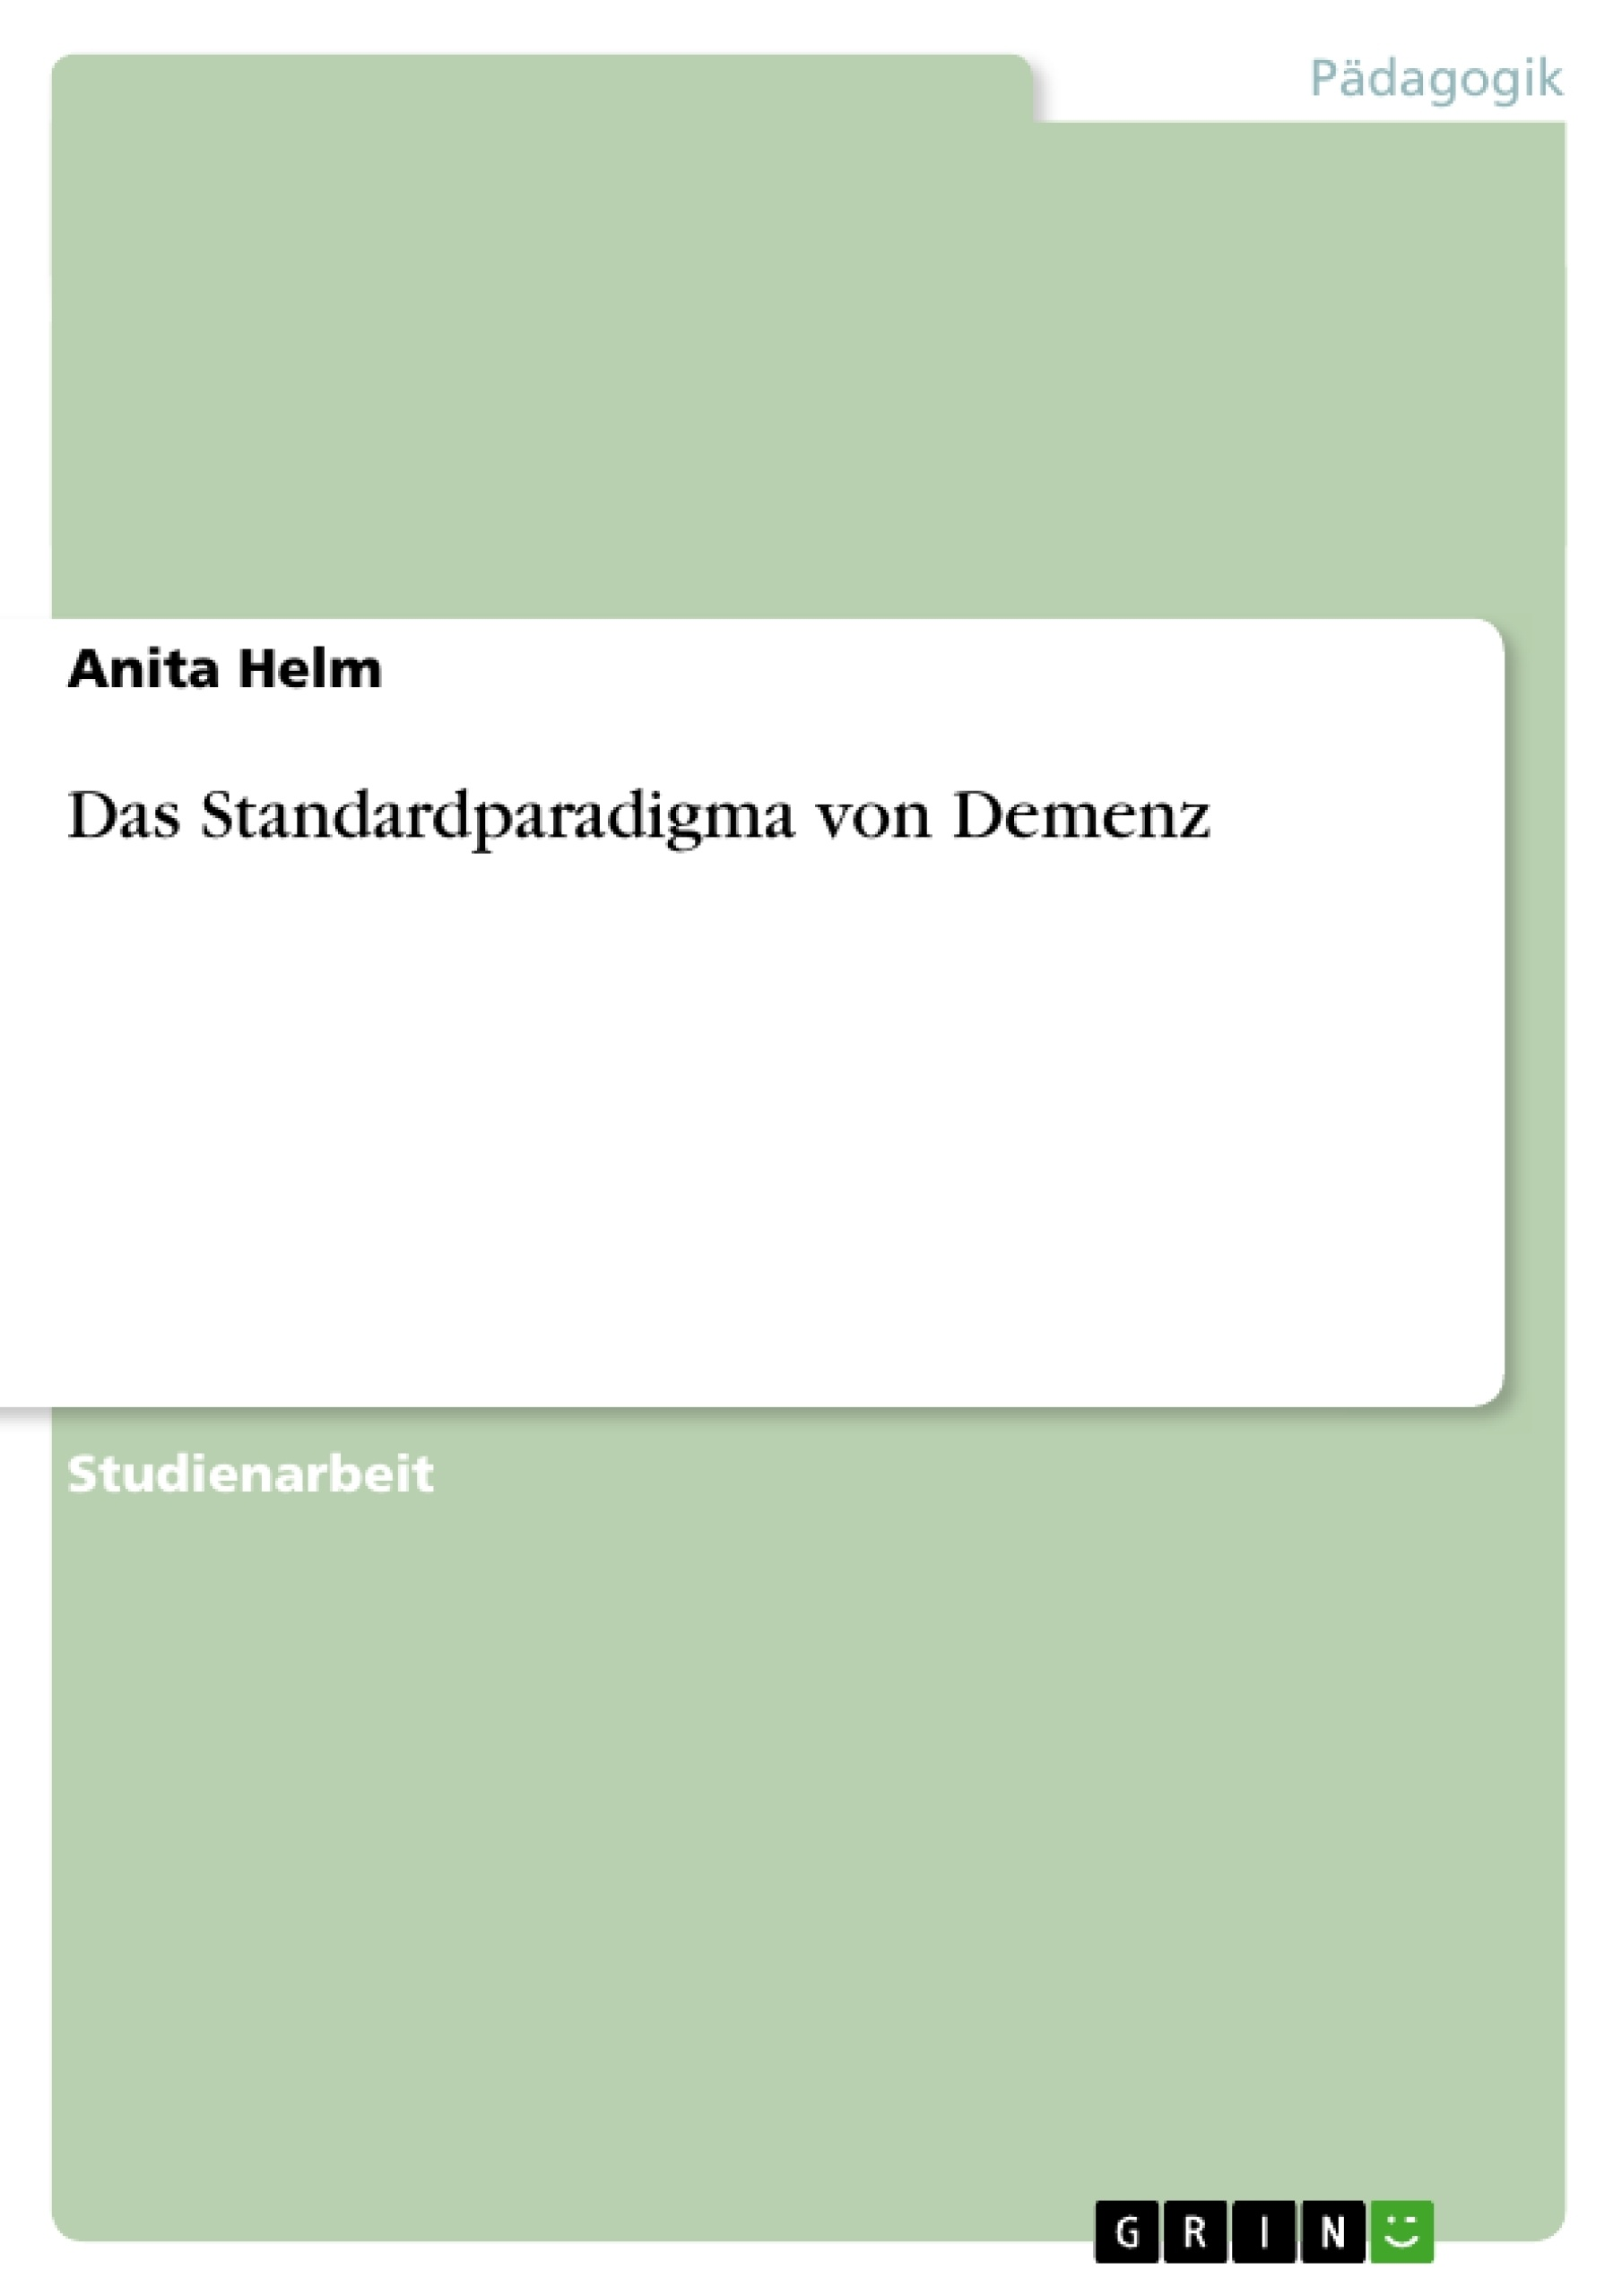 Titel: Das Standardparadigma von Demenz